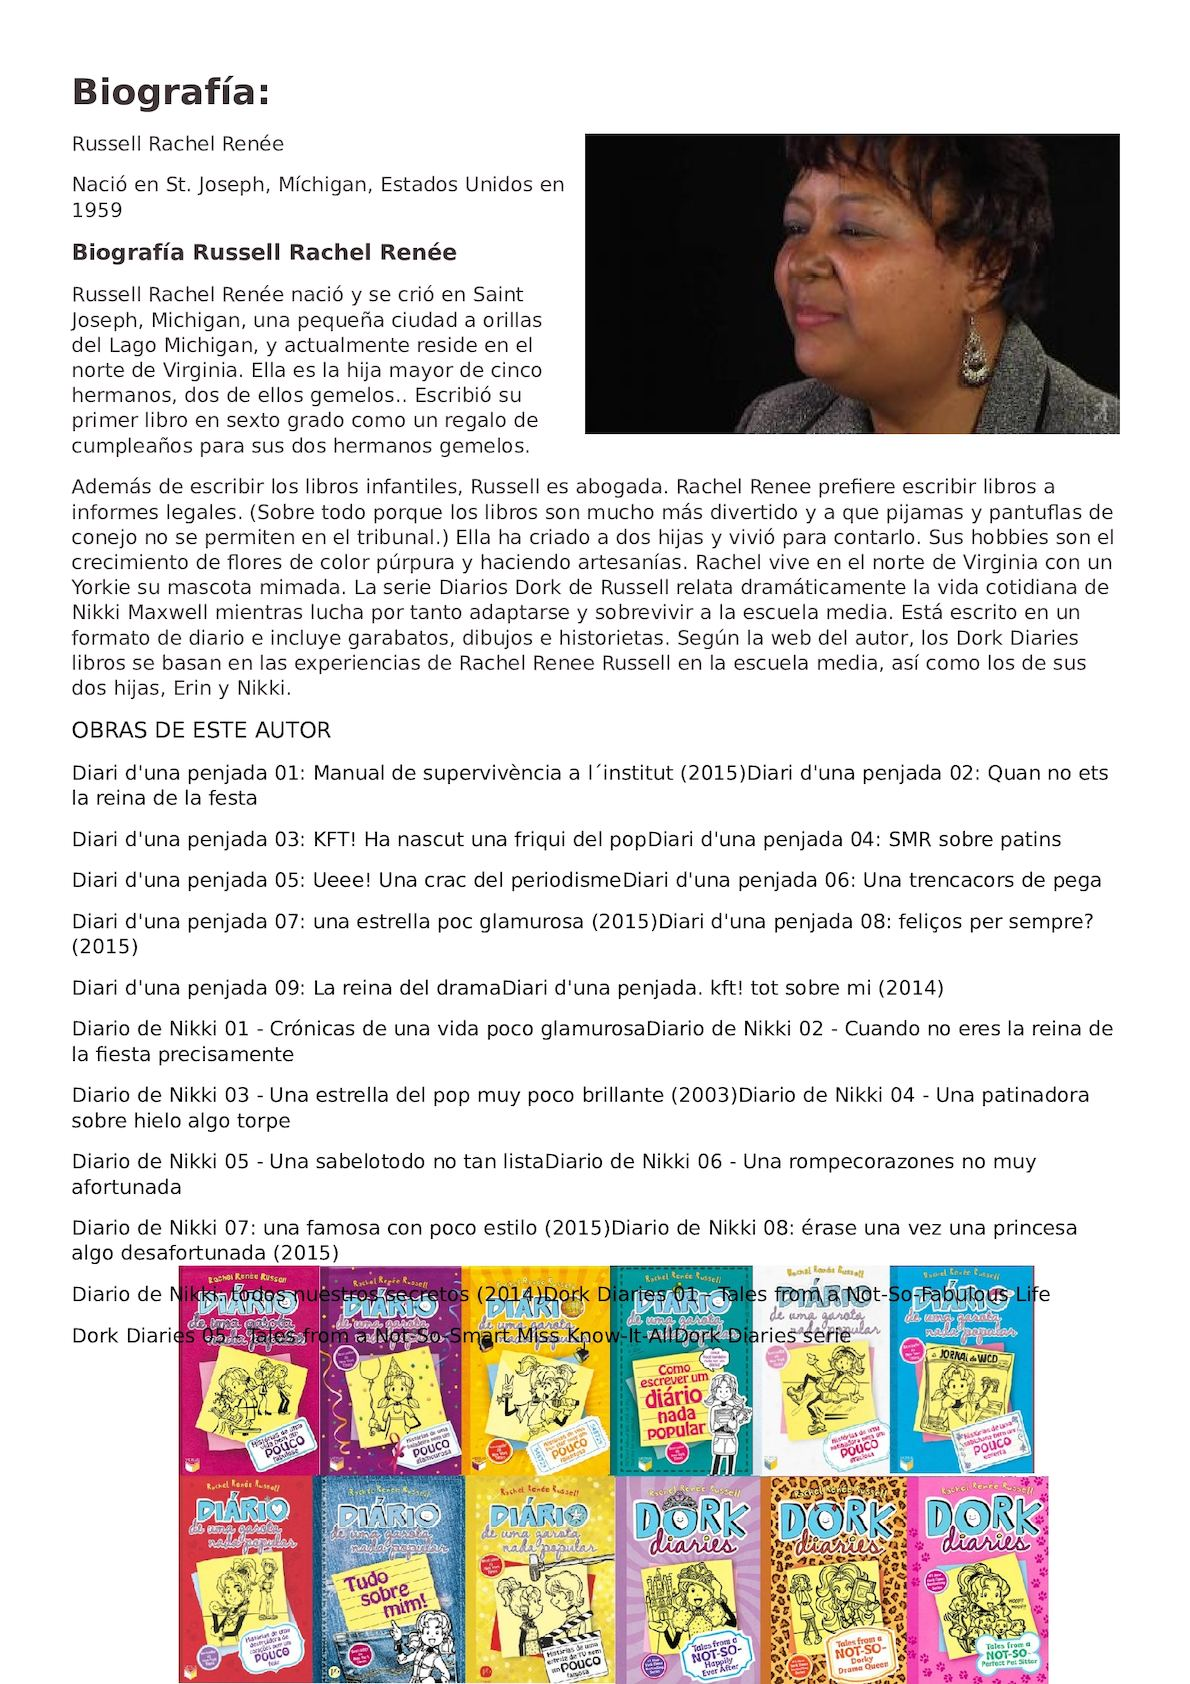 biografía de la autora Rachel Renee Russel